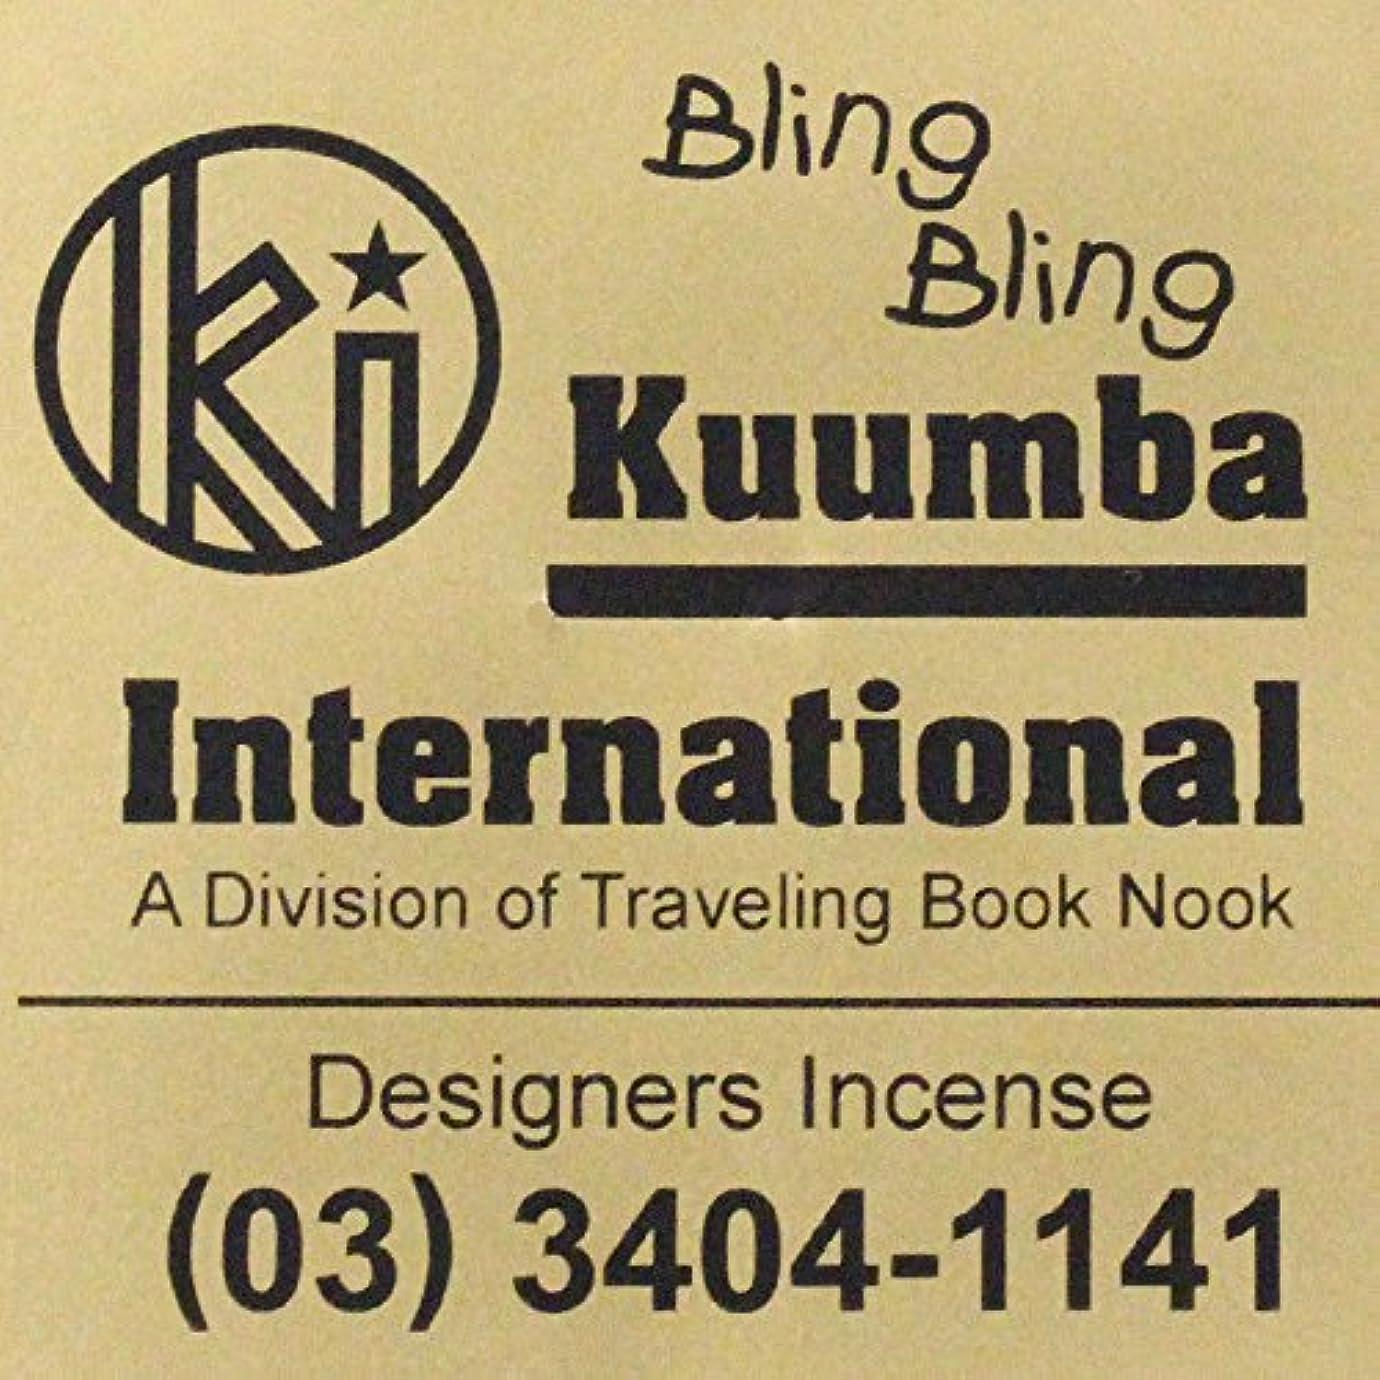 泣き叫ぶ東方忠誠(クンバ) KUUMBA『incense』(Bling Bling) (Regular size)